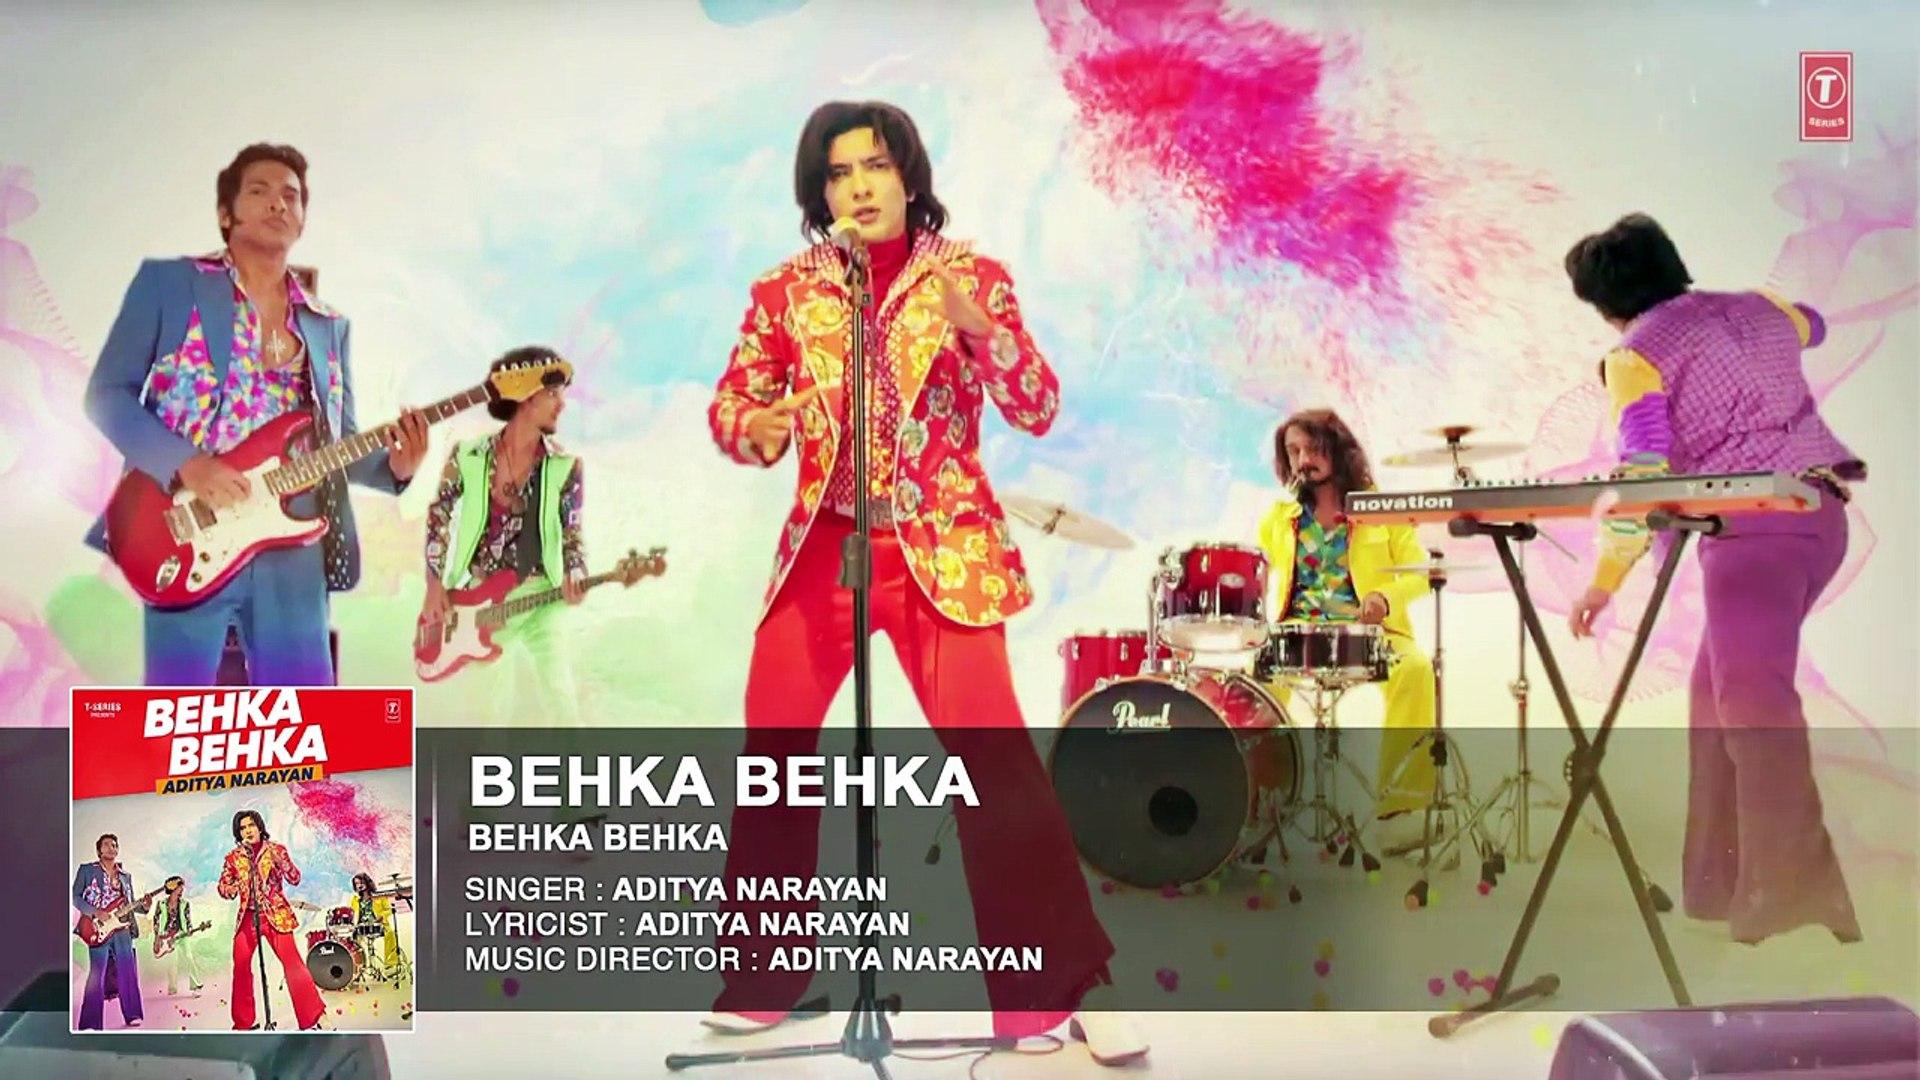 BEHKA BEHKA Full Audio Song _ Aditya Narayan _ Latest Hindi Song 2016 _